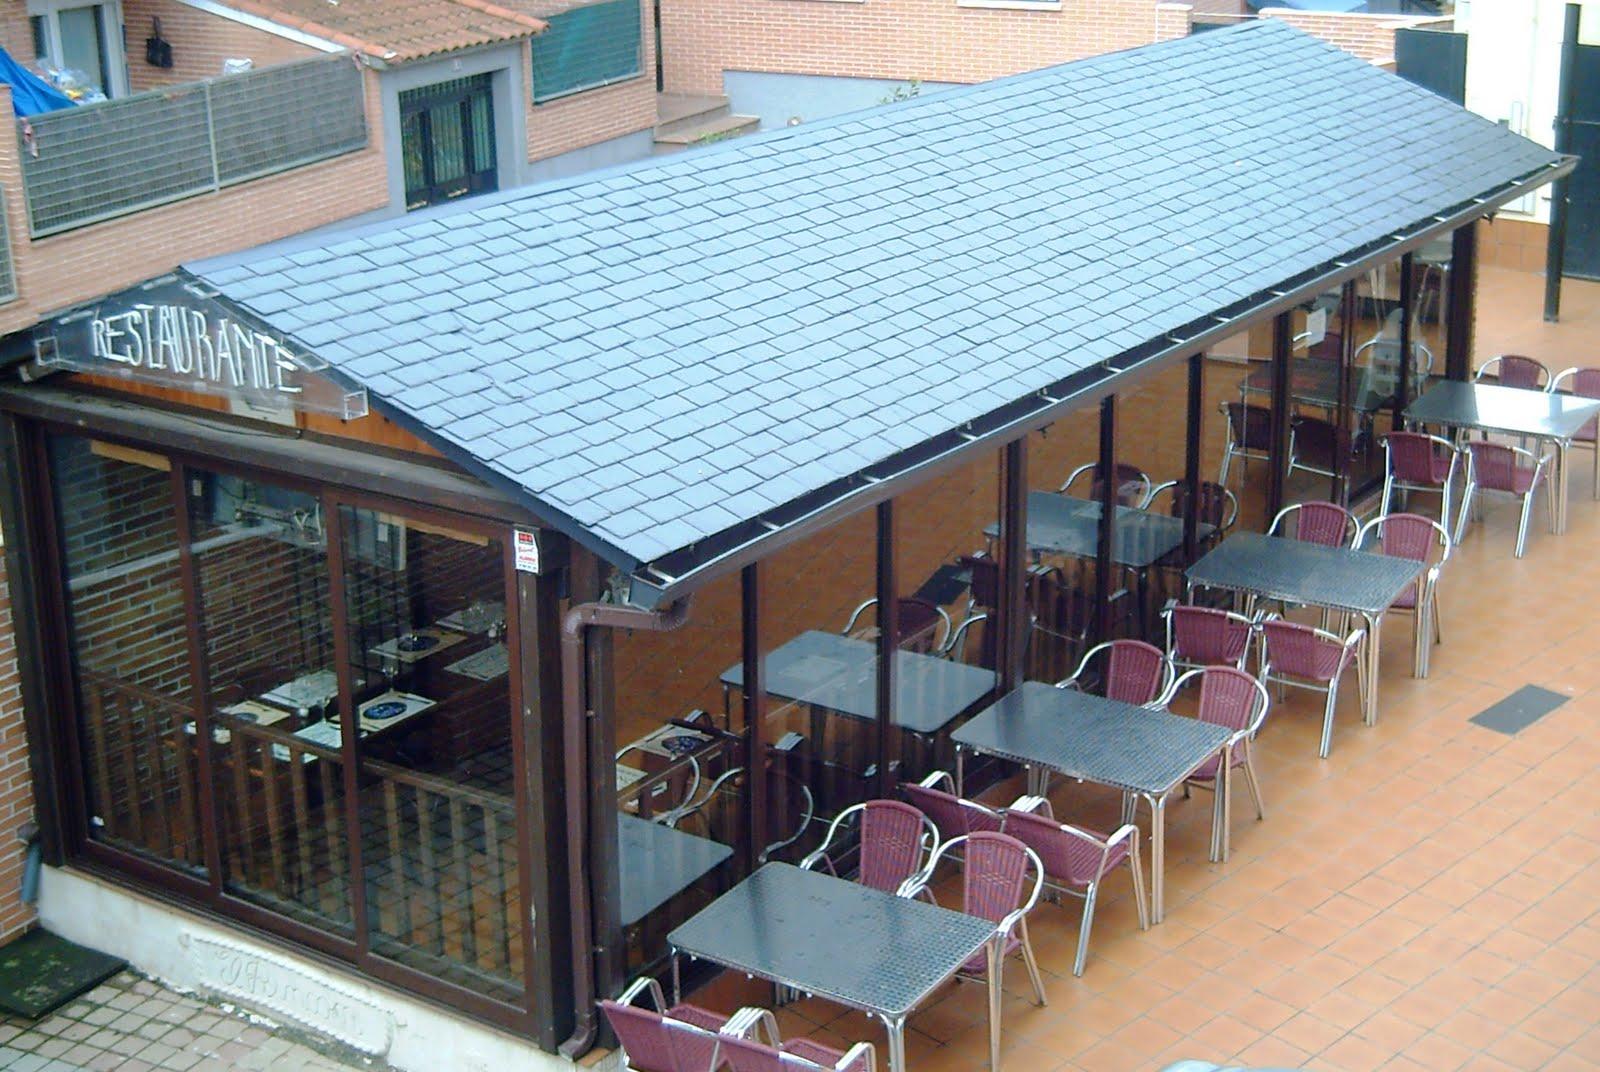 Estructuras met licas y cerramiento para restaurantes for Tejados prefabricados